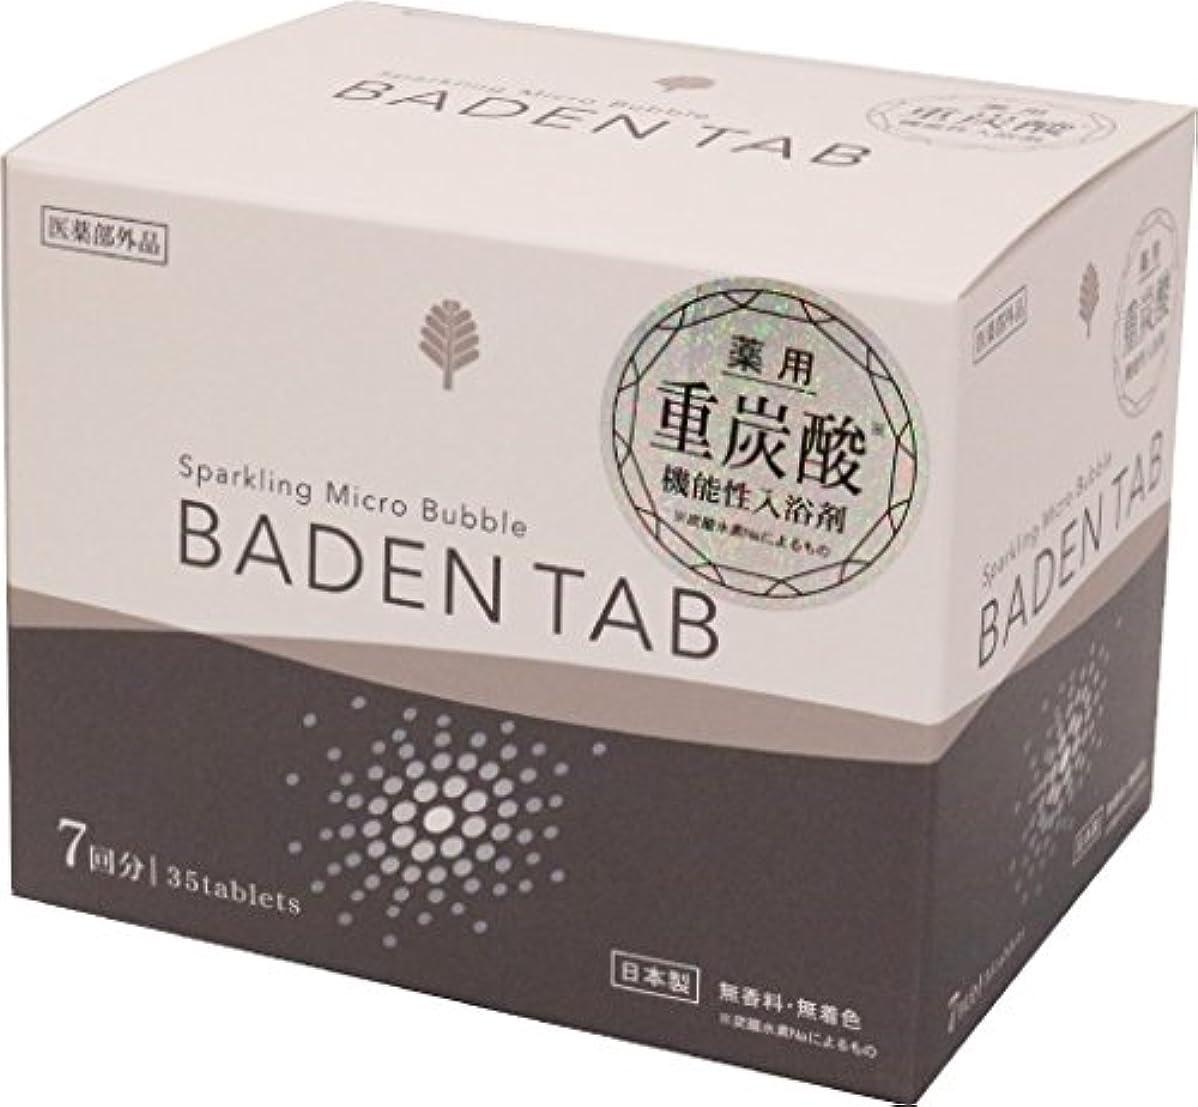 理論評価するスクレーパー日本製 made in japan 薬用BadenTab5錠7パック15gx35錠入 BT-8756 【まとめ買い6個セット】